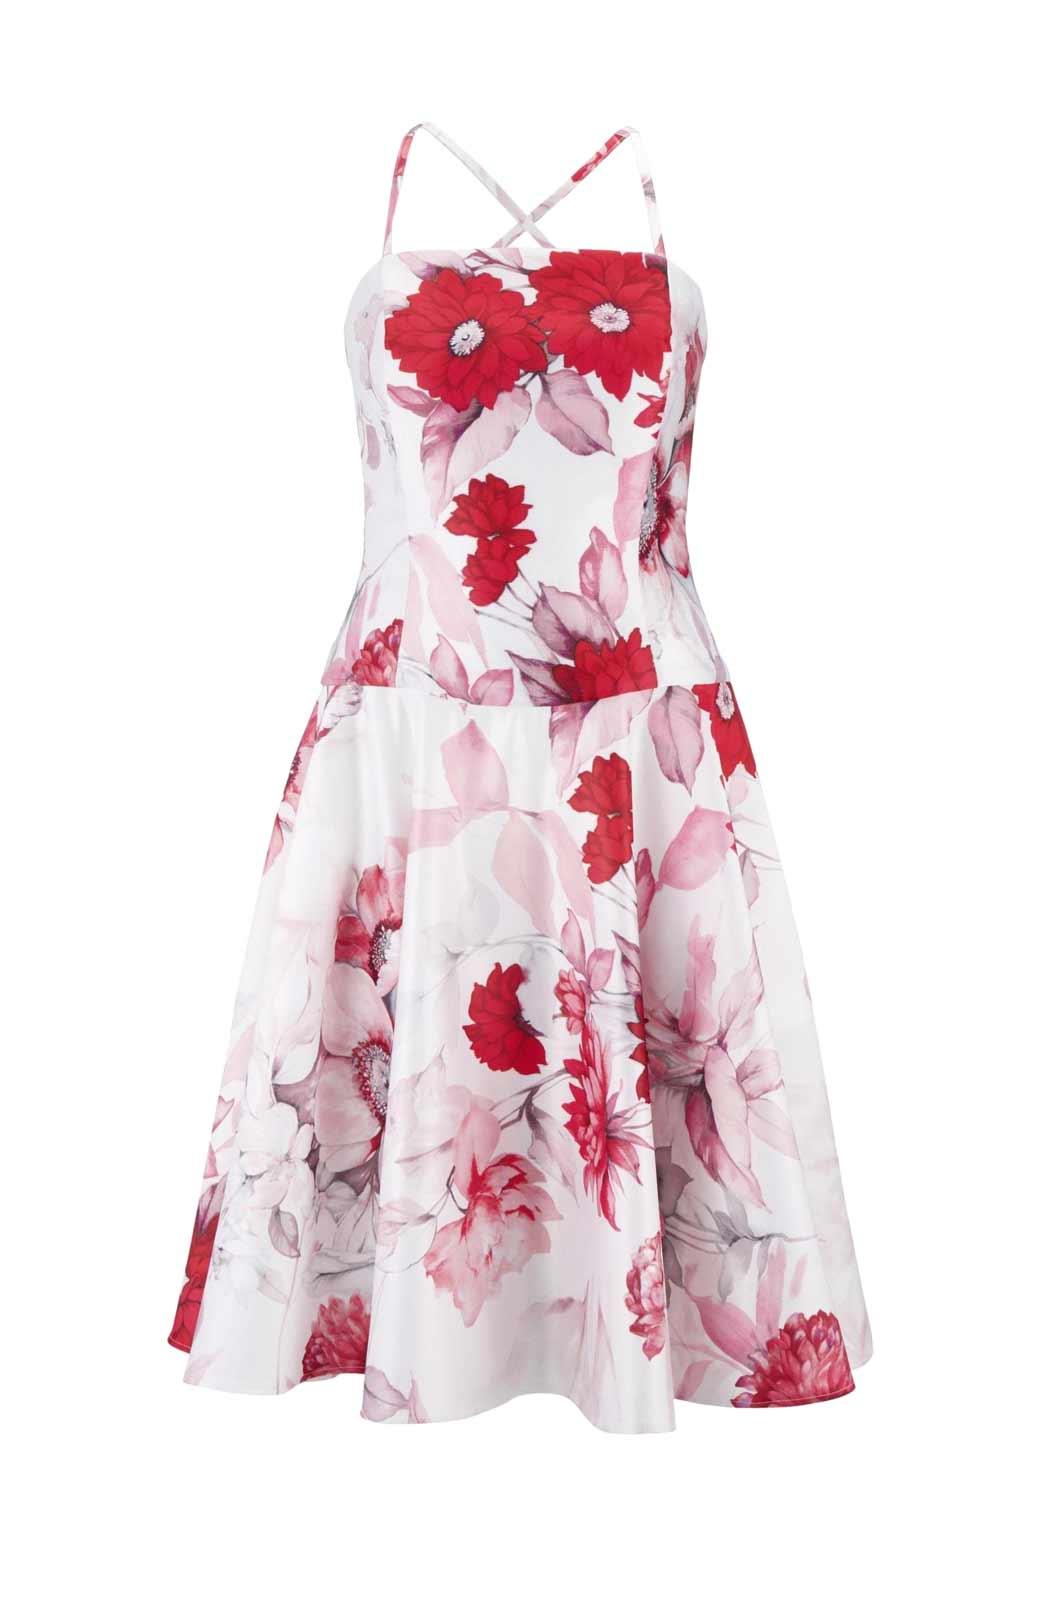 986.320 Damenkleid mit Corsage Corsagenkleid ärmellos kurz Blumenmuster